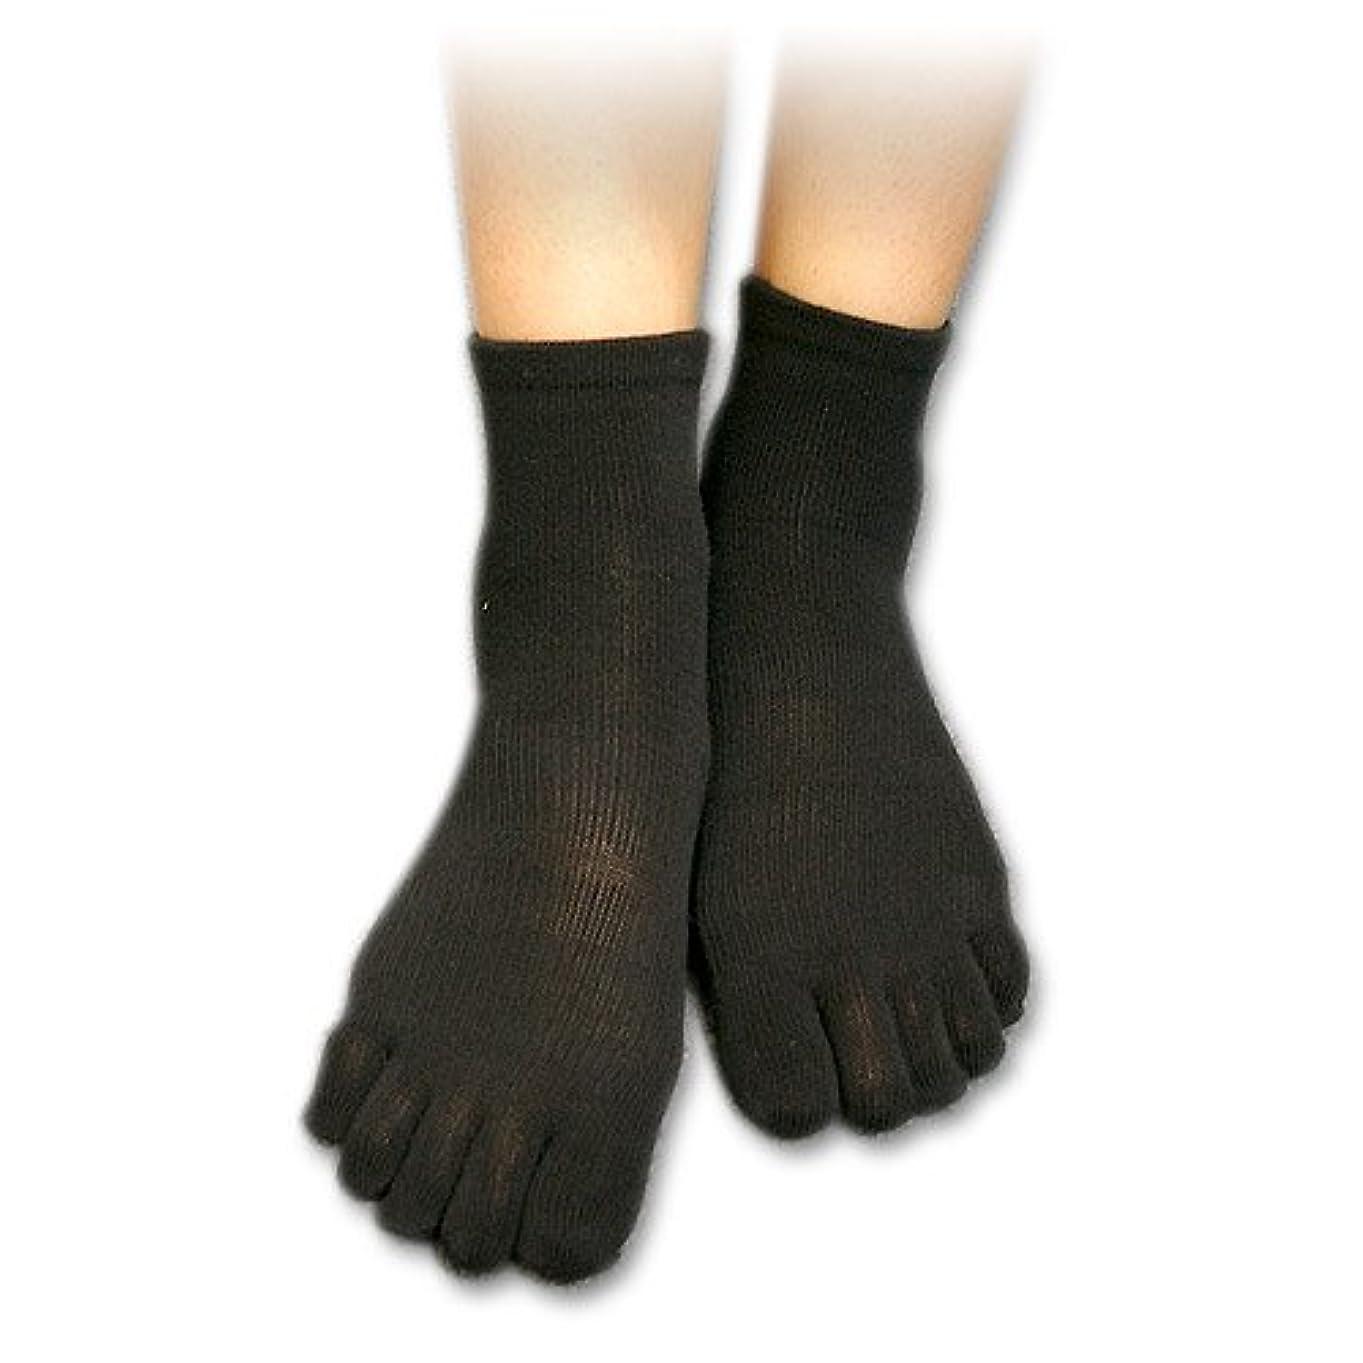 東ティモール政権感染する足裏安定5本指靴下(M(24-26cm), ブラック)